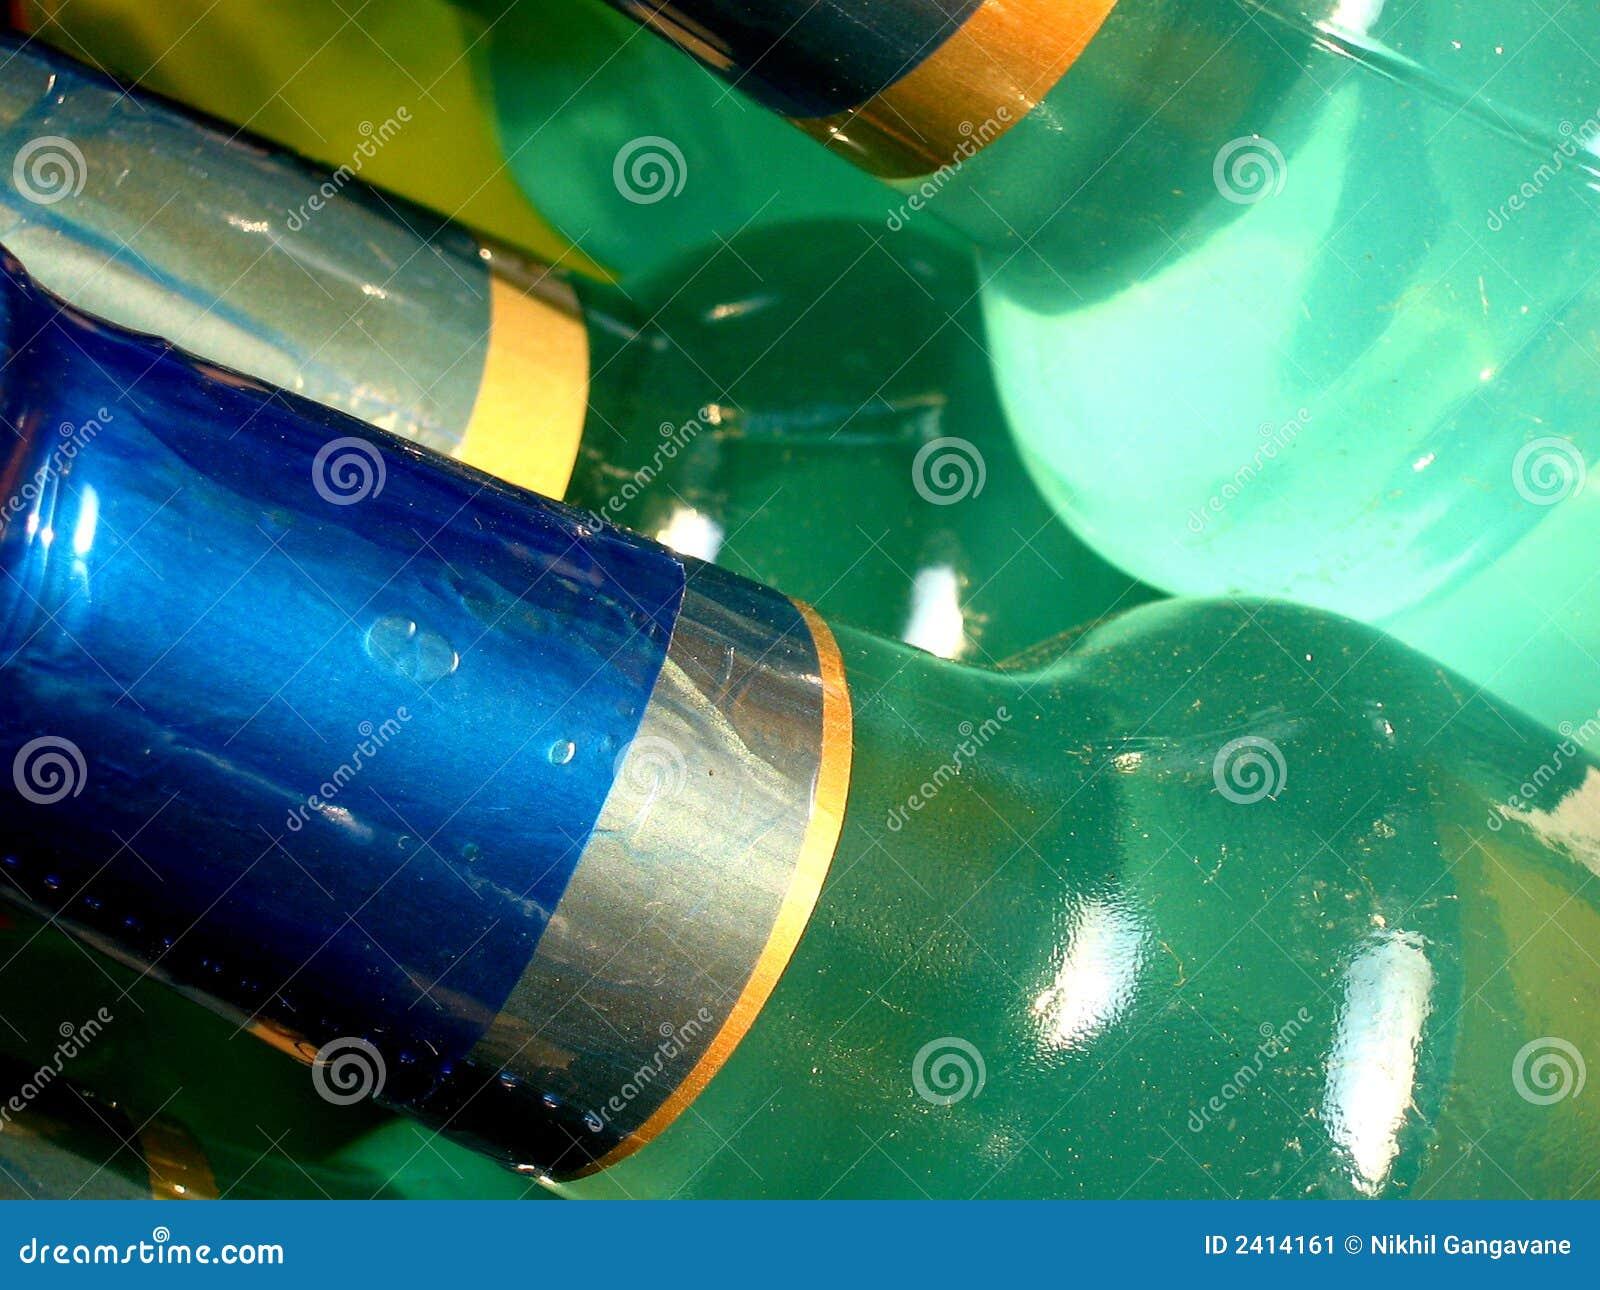 Turquoise Bottlenecks